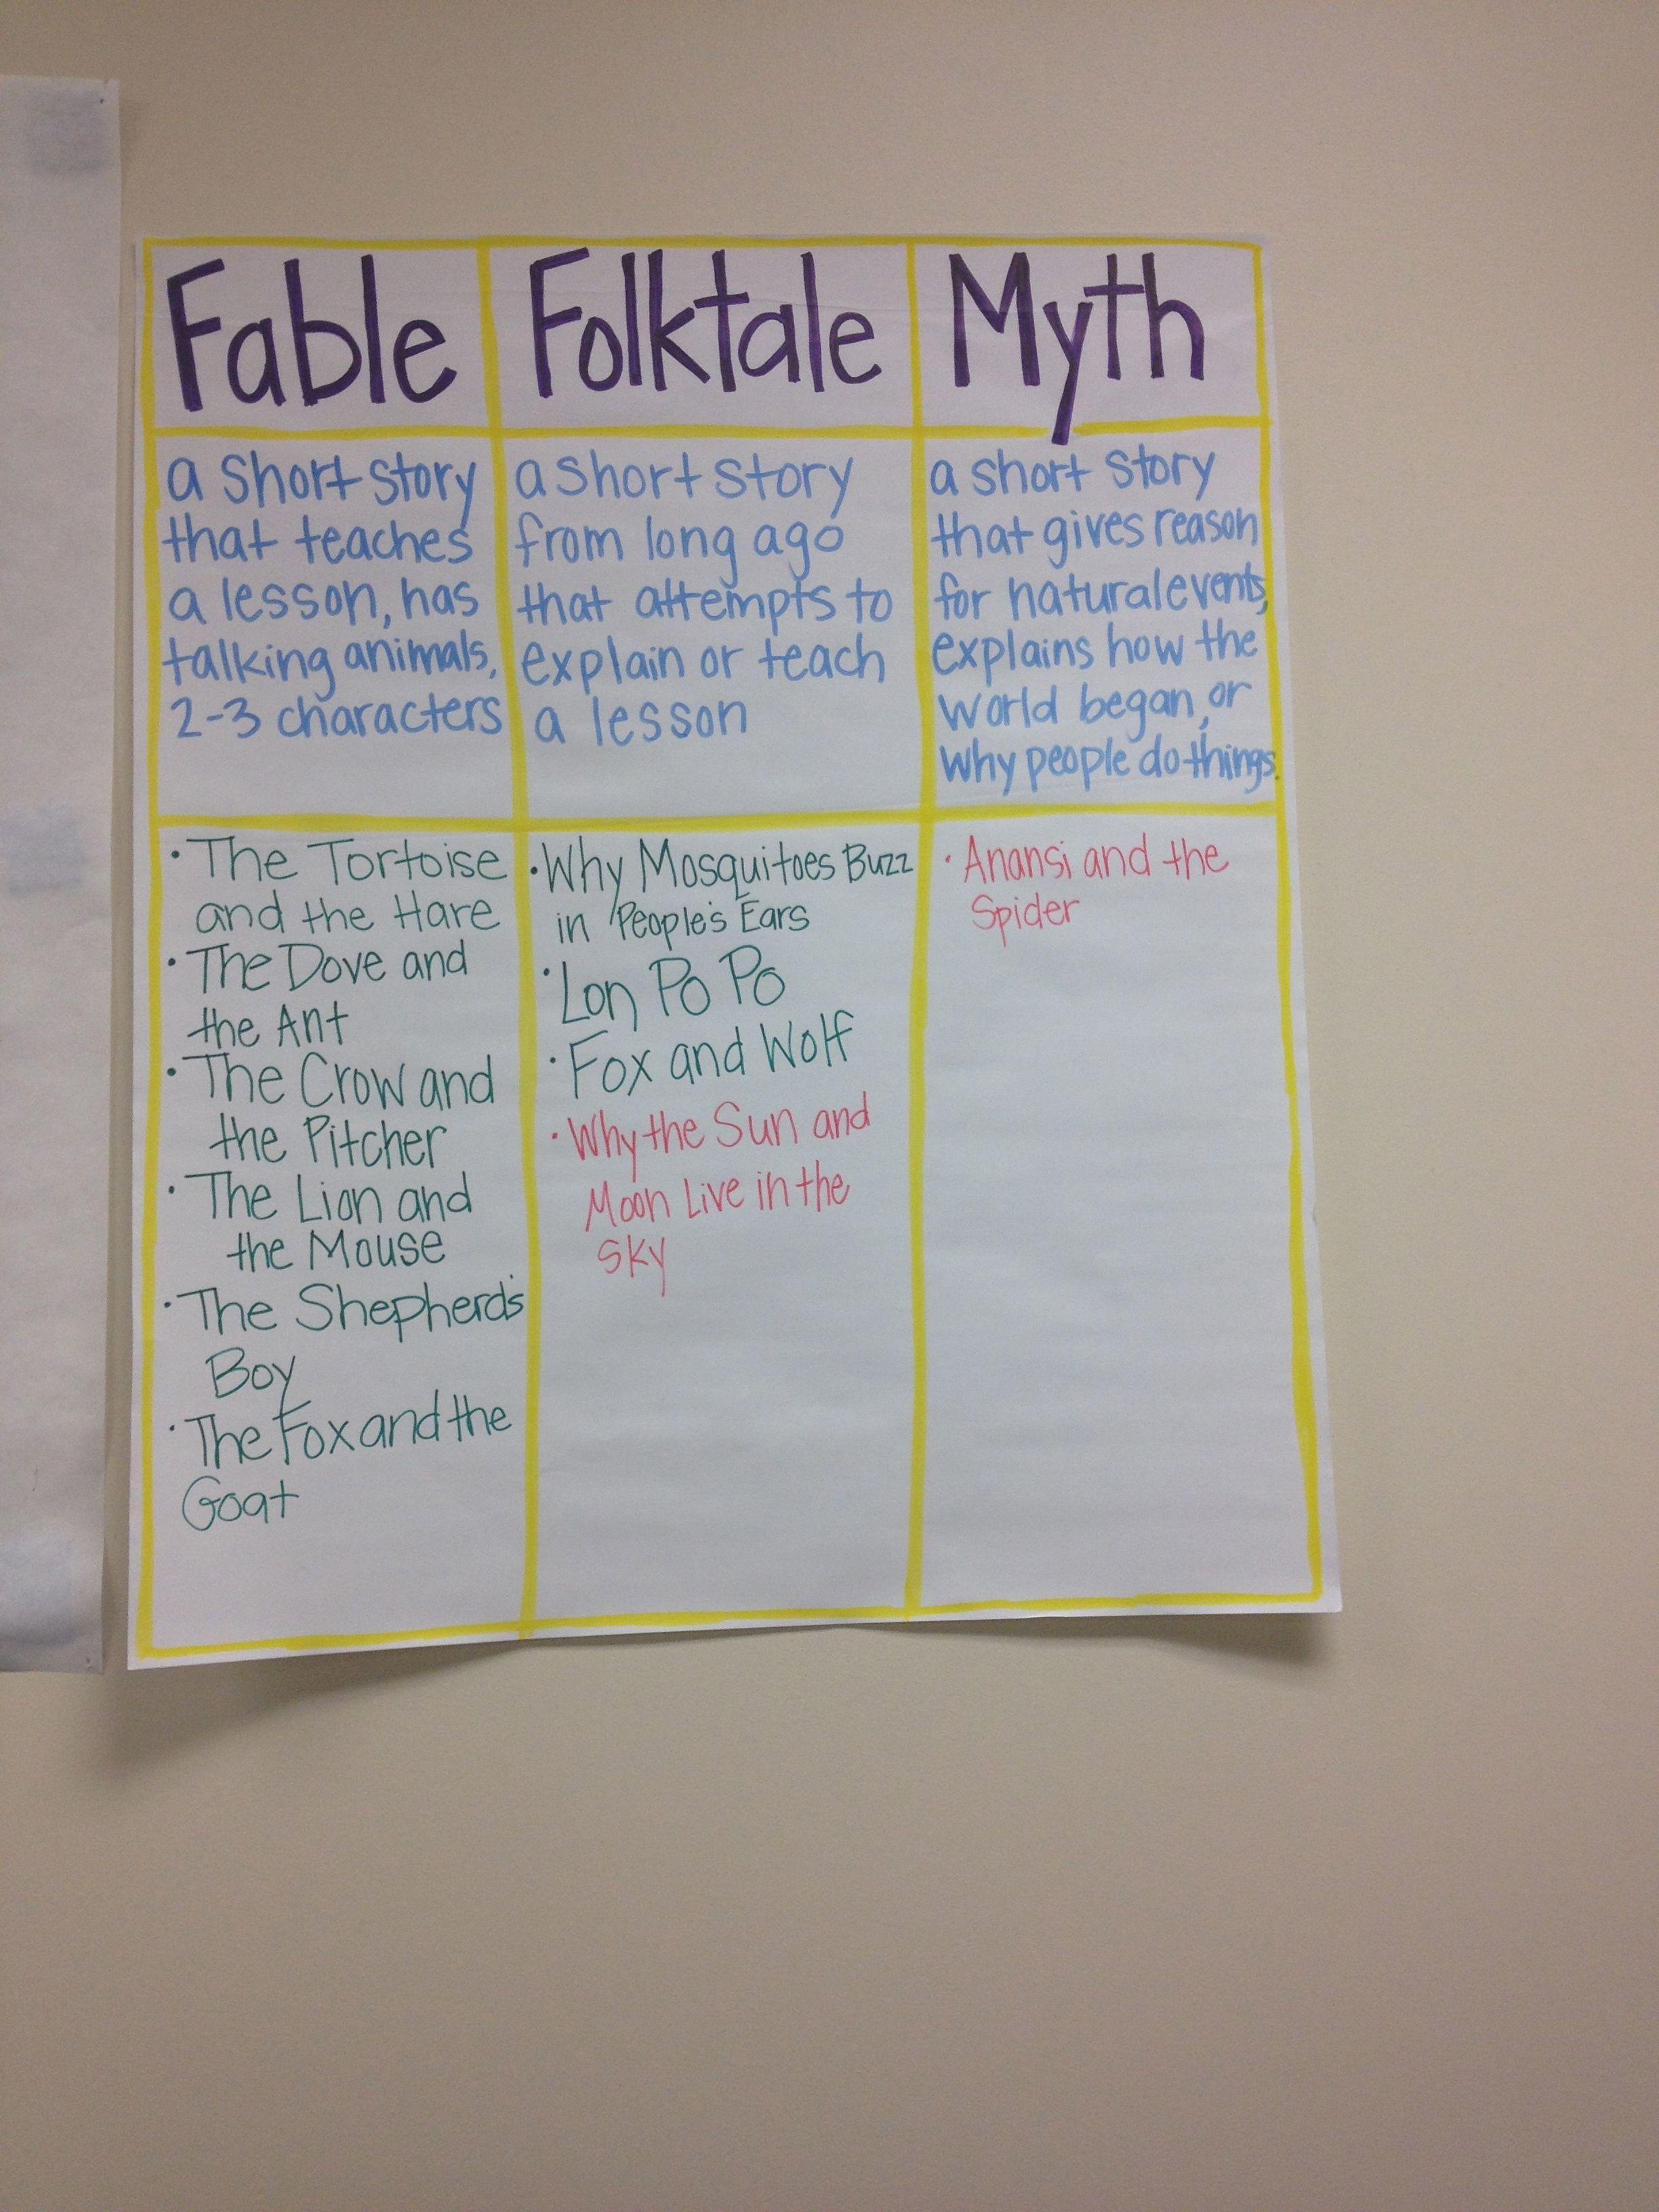 Fable Folktale Myth Anchor Chart Description Of Each